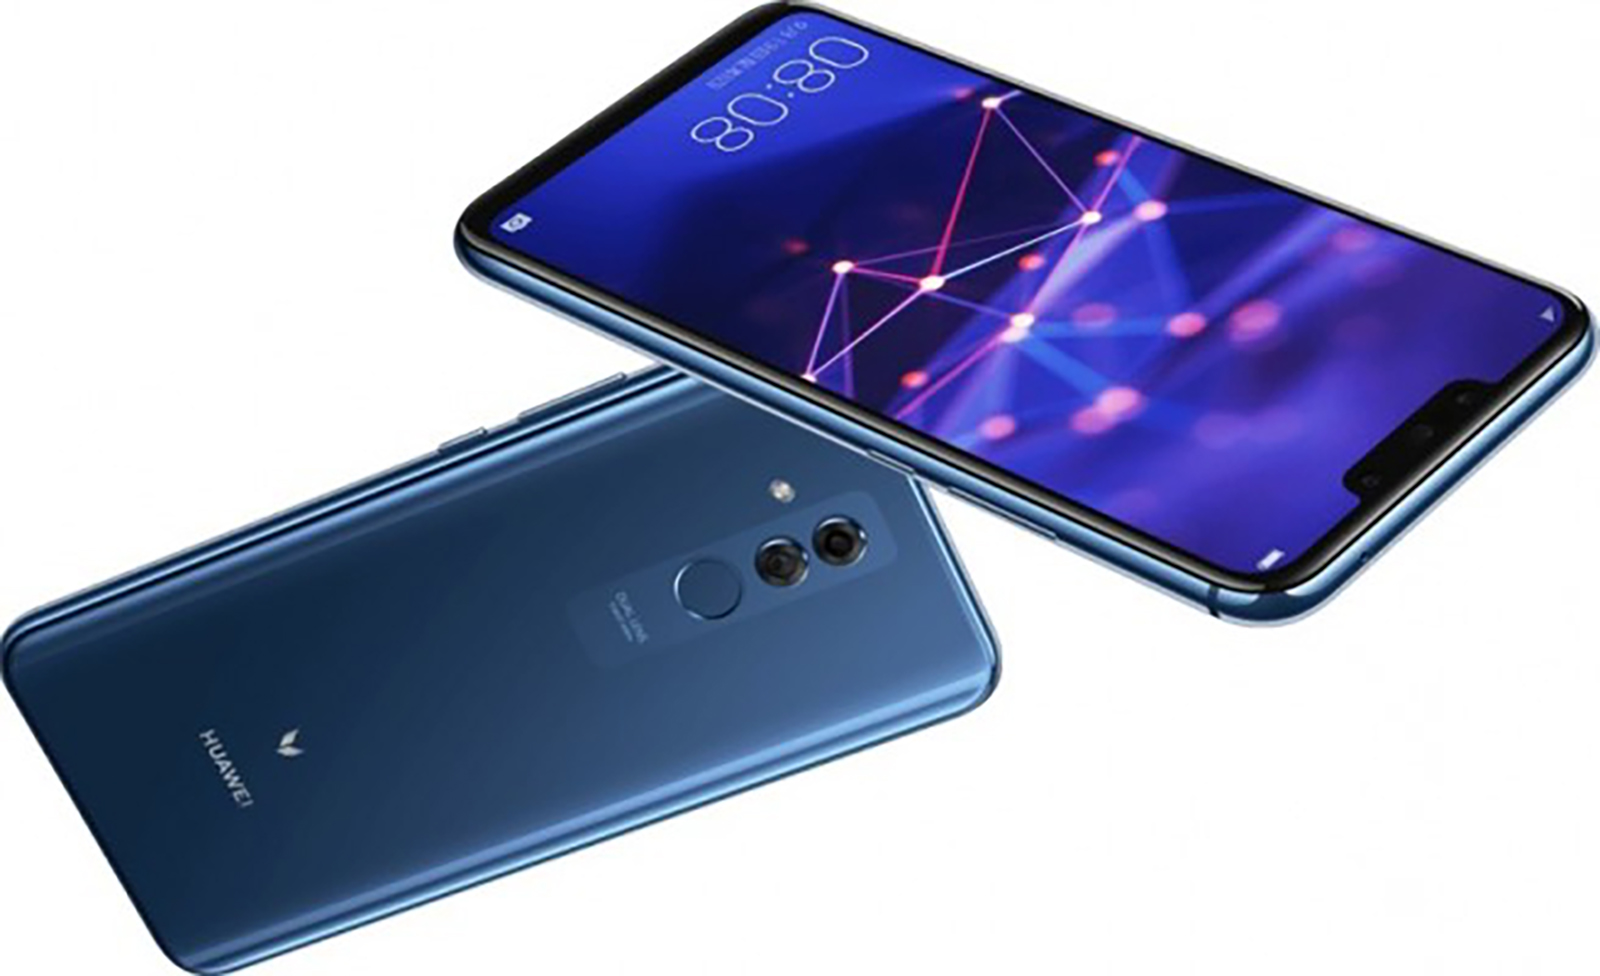 Soldes d'hiver 2019 : 5 smartphones Android à moins de 400 euros à acheter